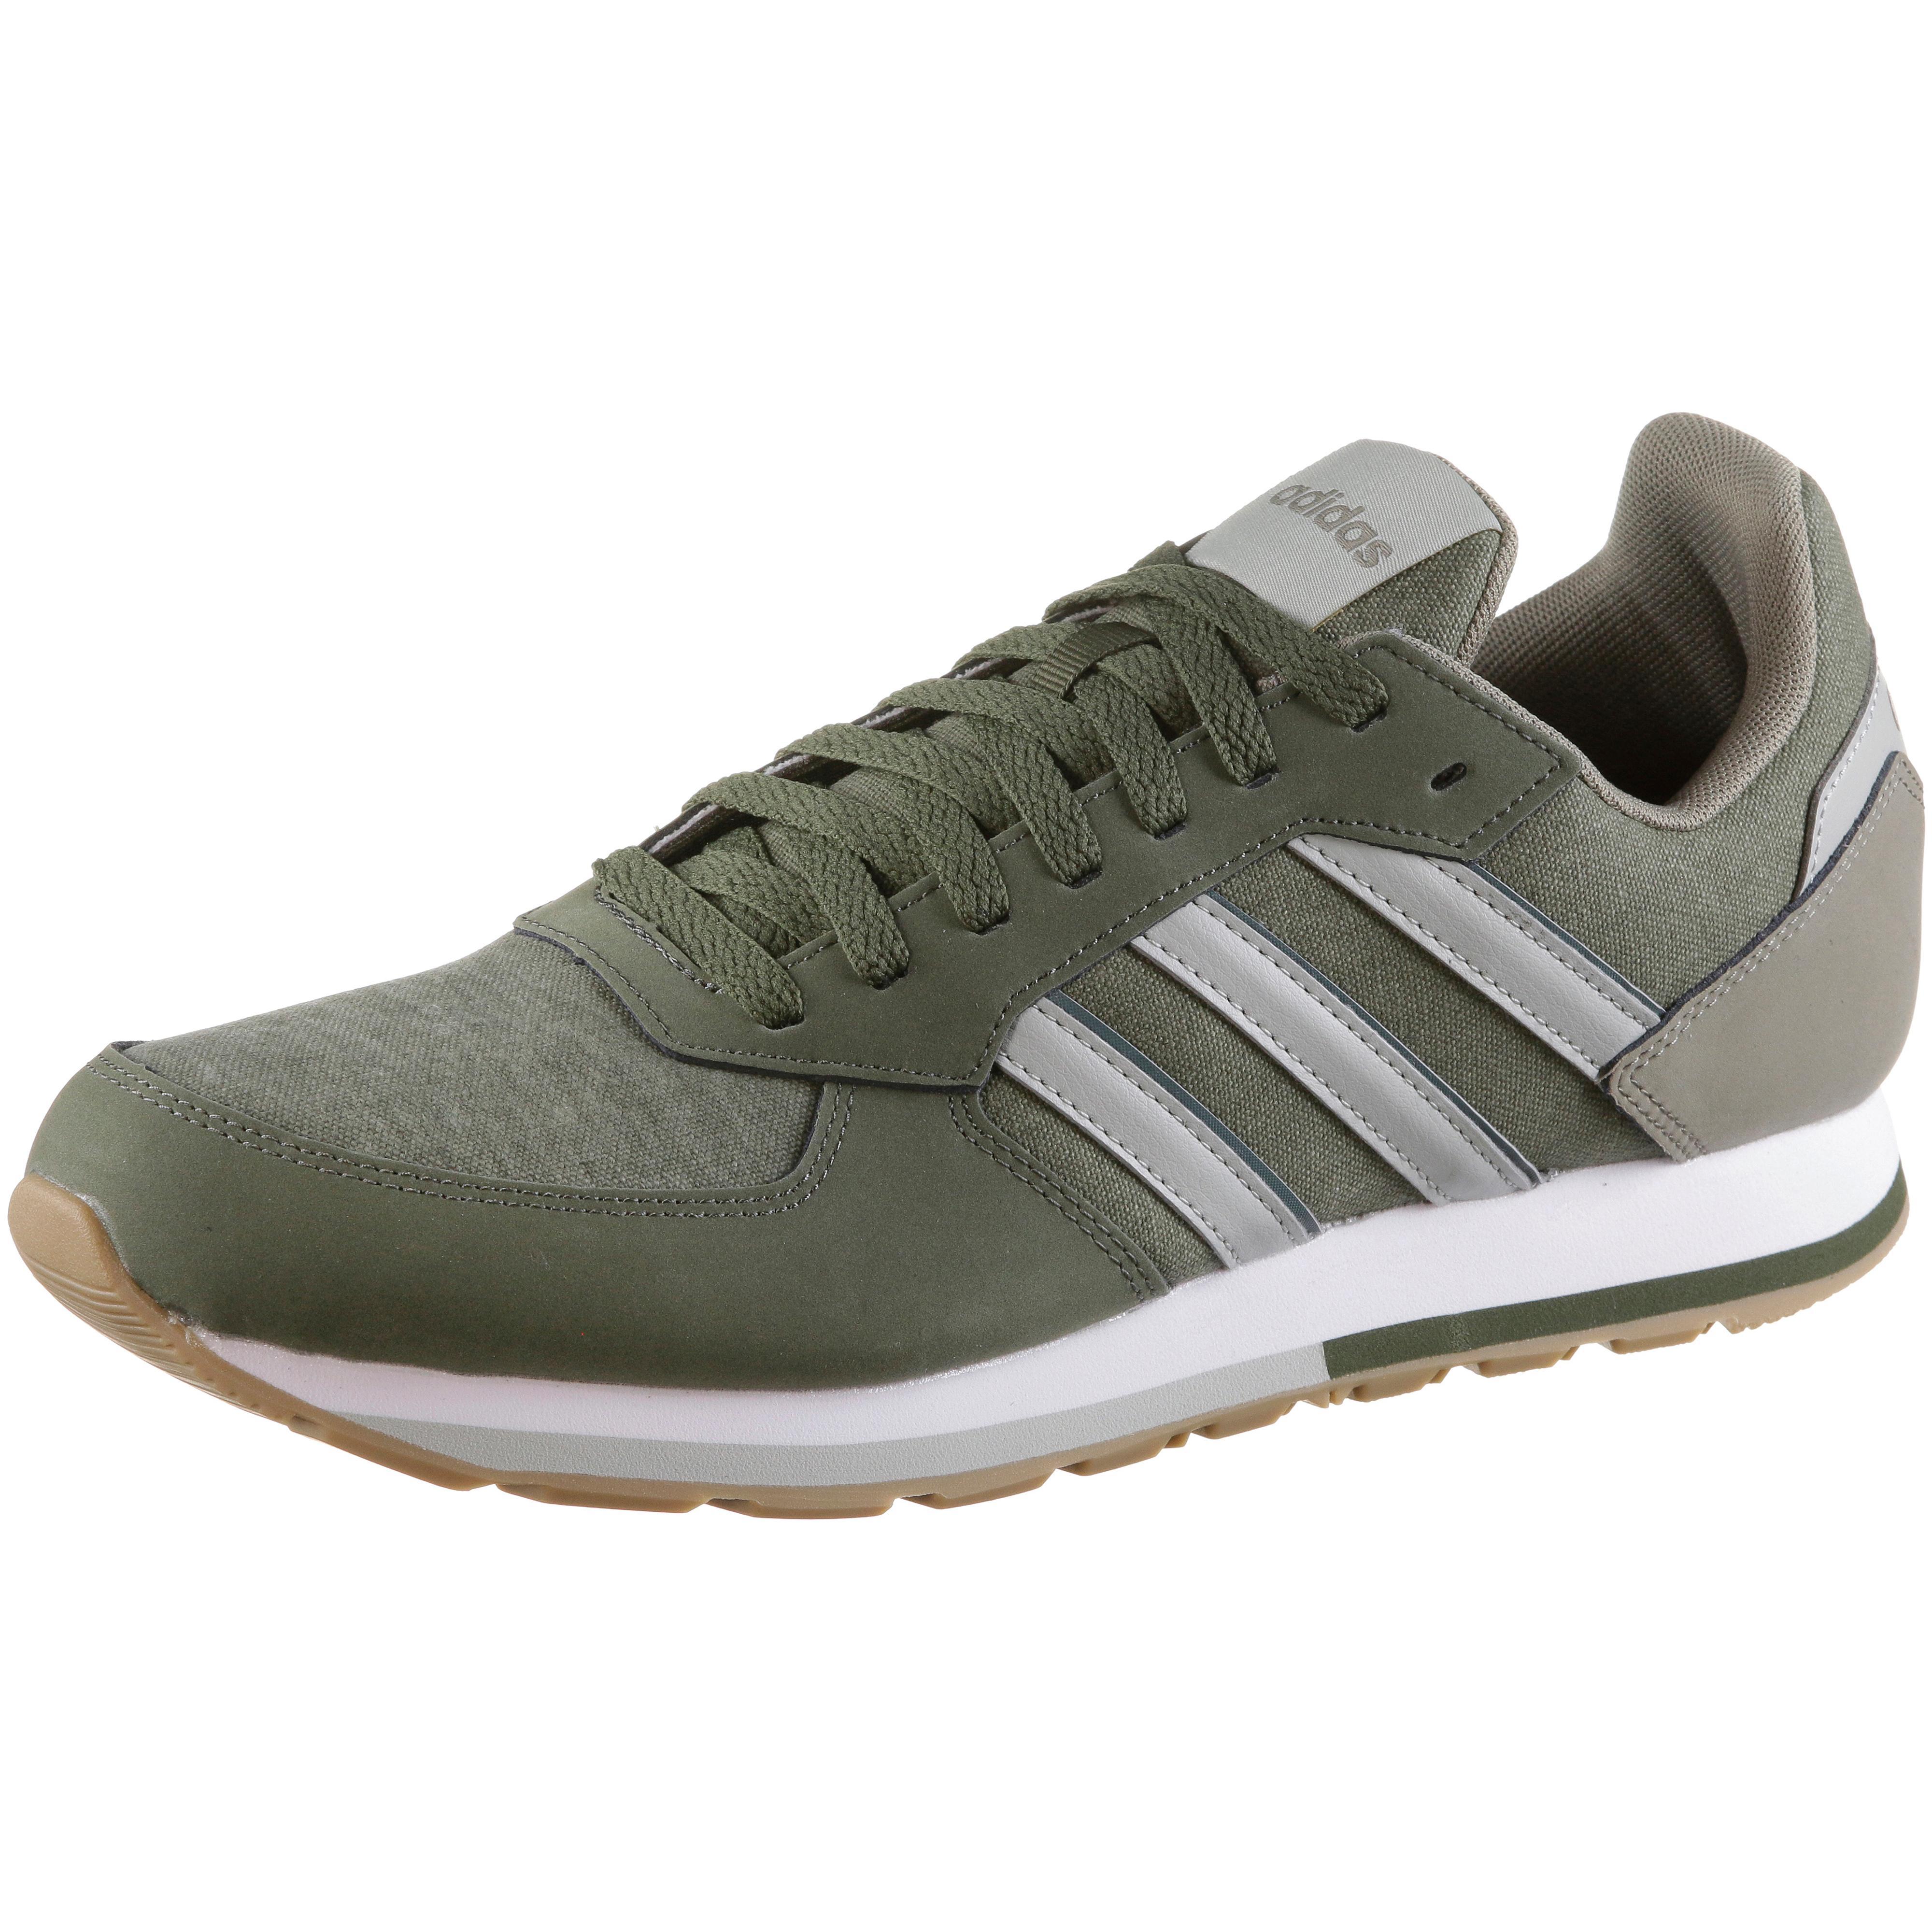 Adidas 8K Sneaker Herren base green im Online Shop von SportScheck kaufen Gute Qualität beliebte Schuhe